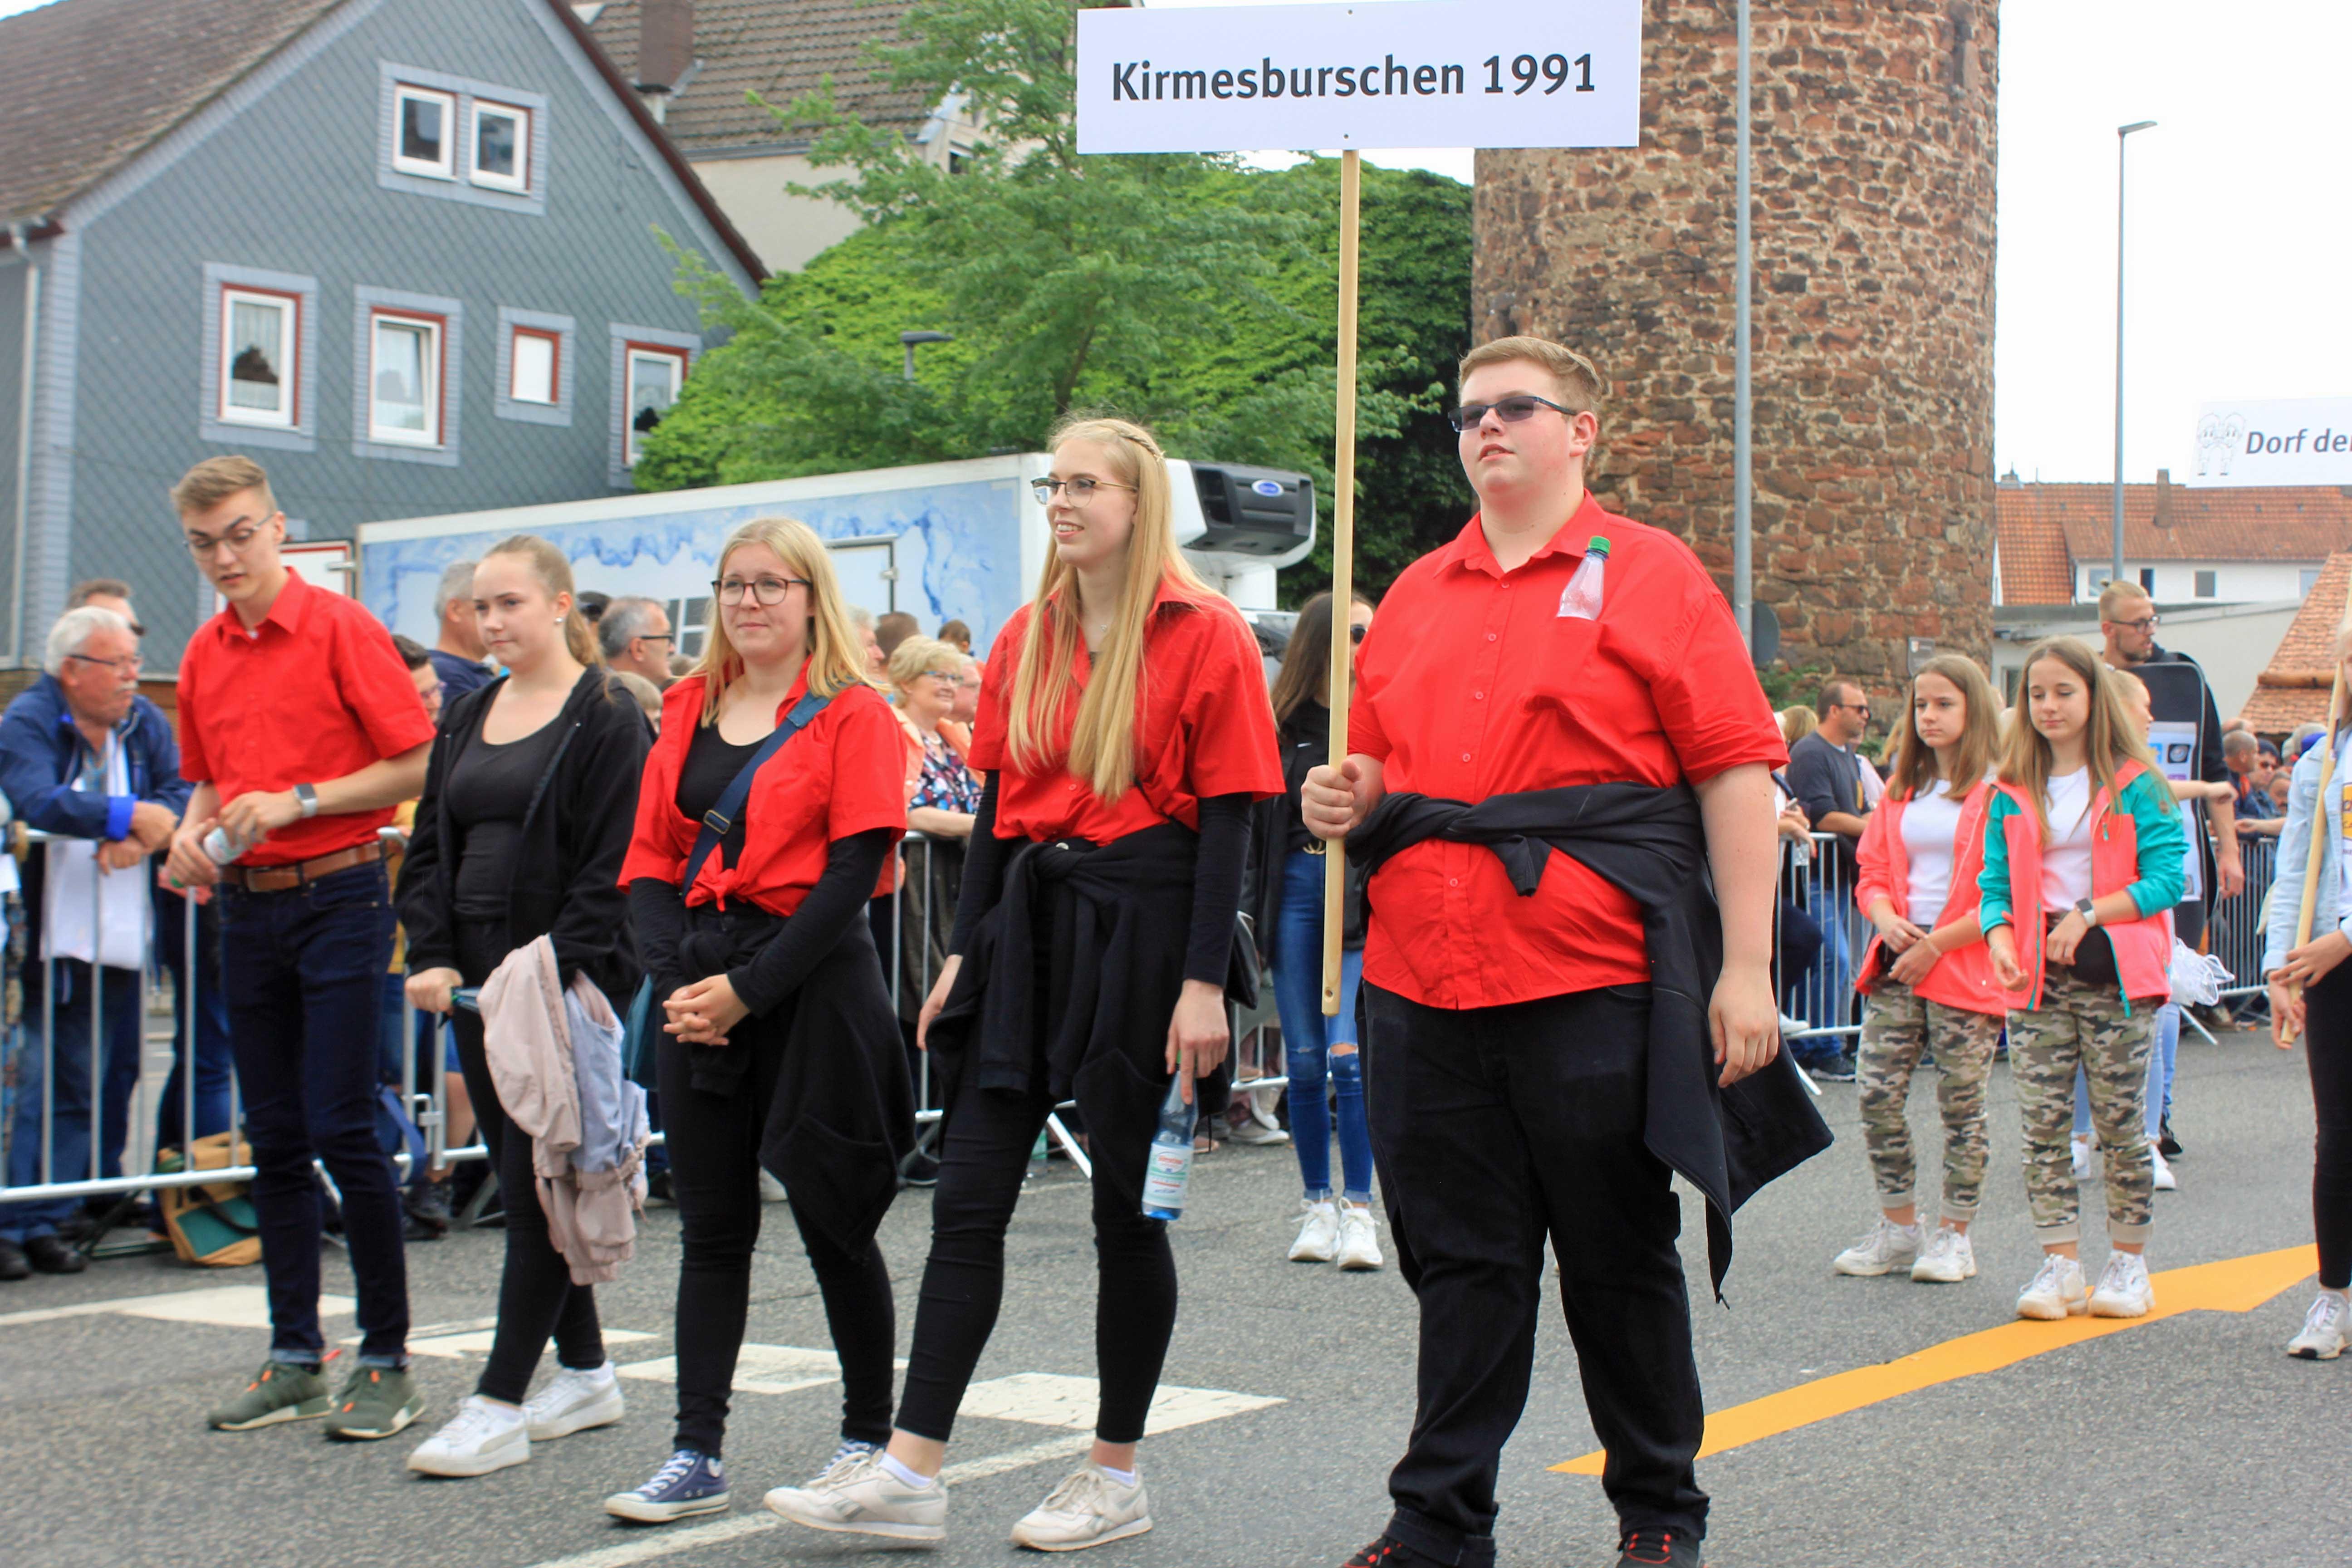 19-HT-Kirmesburschen